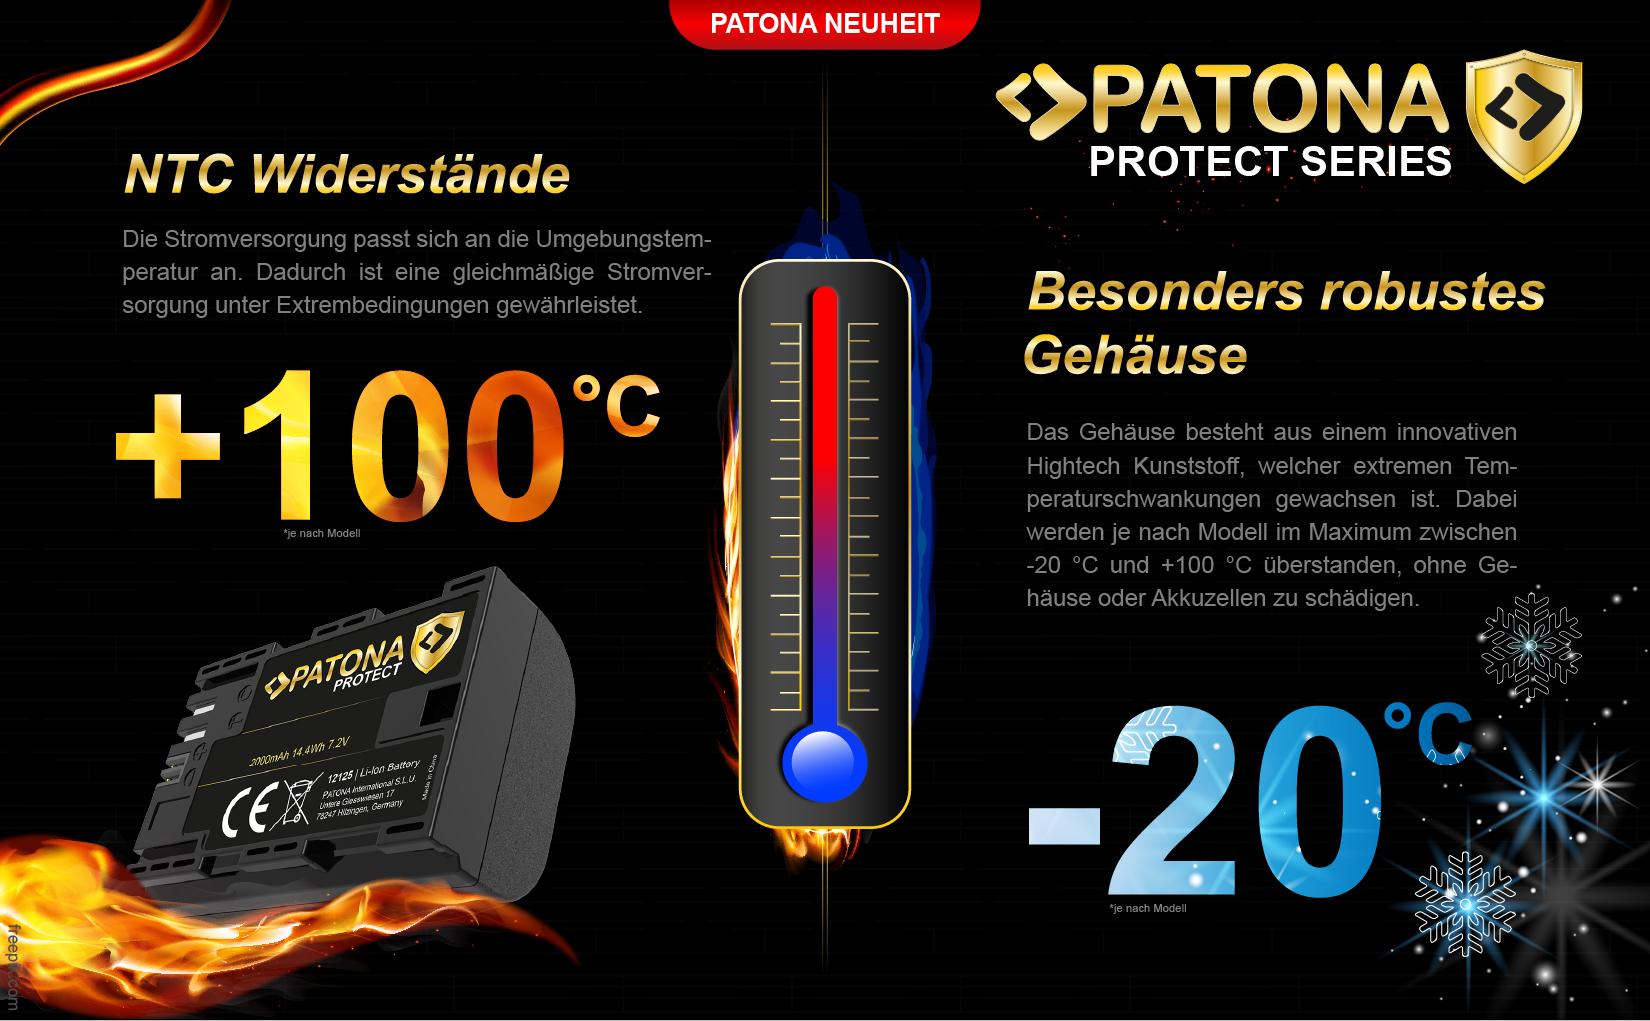 PATONA PROTECT Akku f. Nikon Z5 Z6 Z7 D500 D800 D850 D7000 D7100 D7200 VFB12802 EN-EL15C